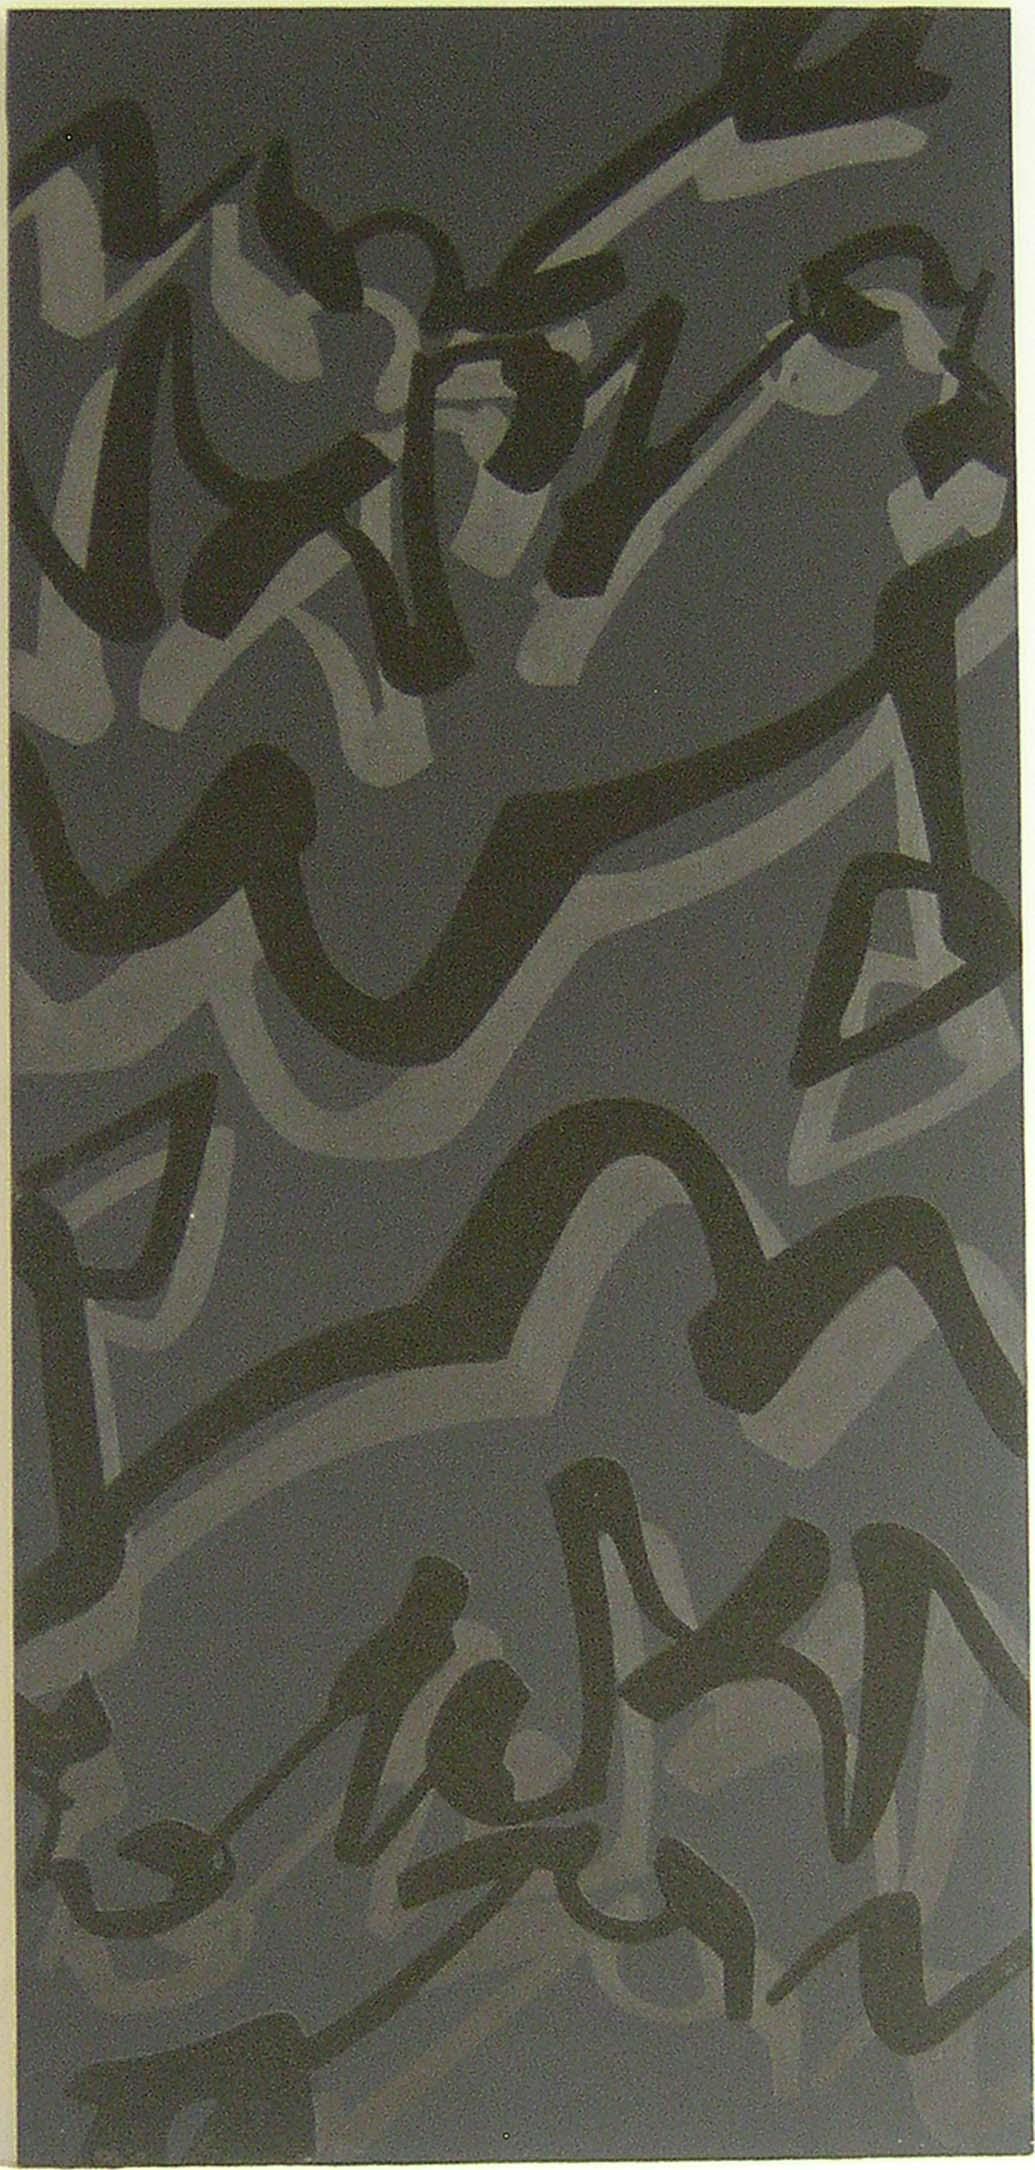 Evento. 1988, cm 160 x 75, Acrilico e sabbia su tela